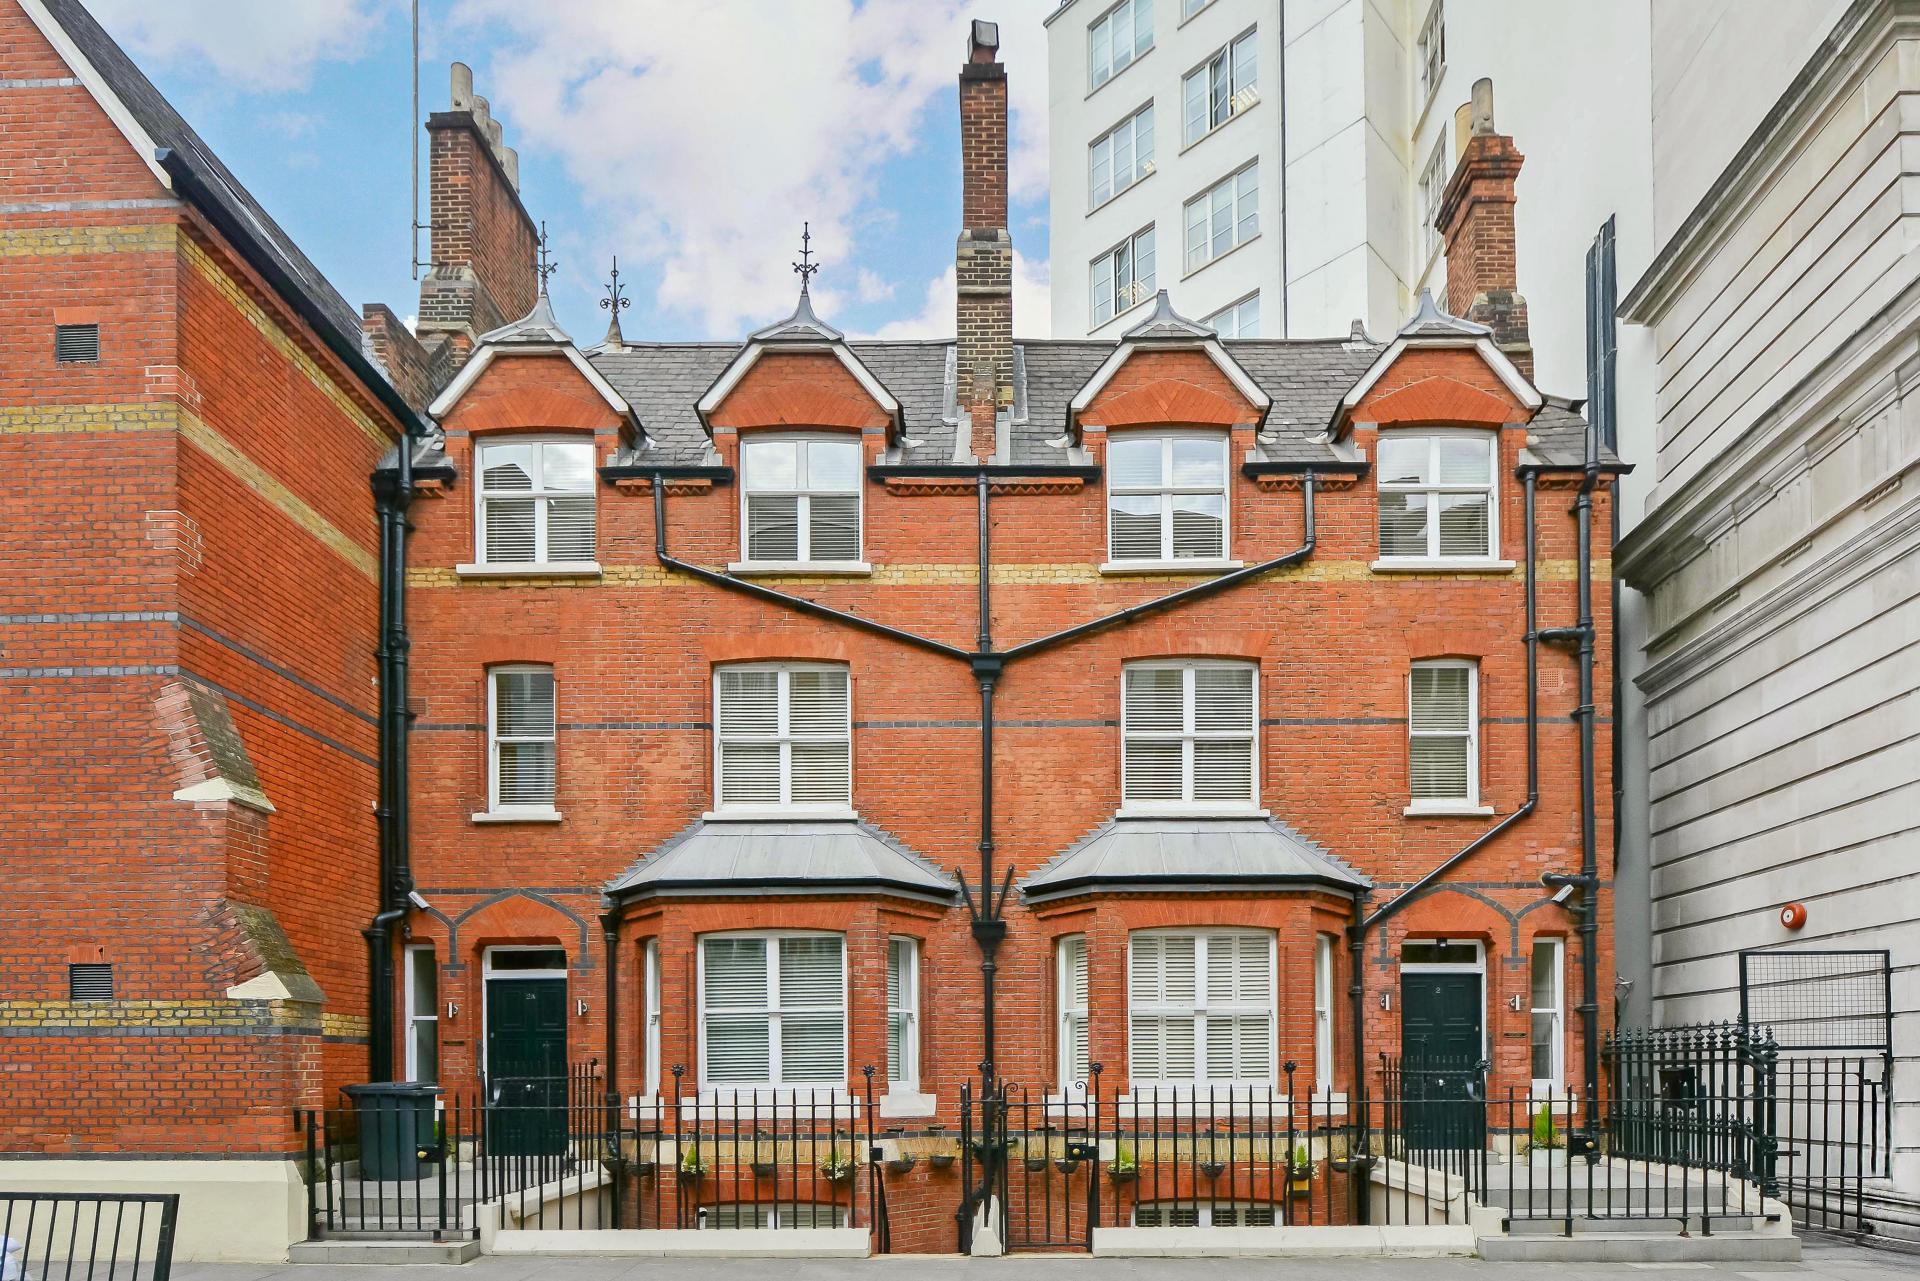 Exterior at LBS Apartments, Victoria, London